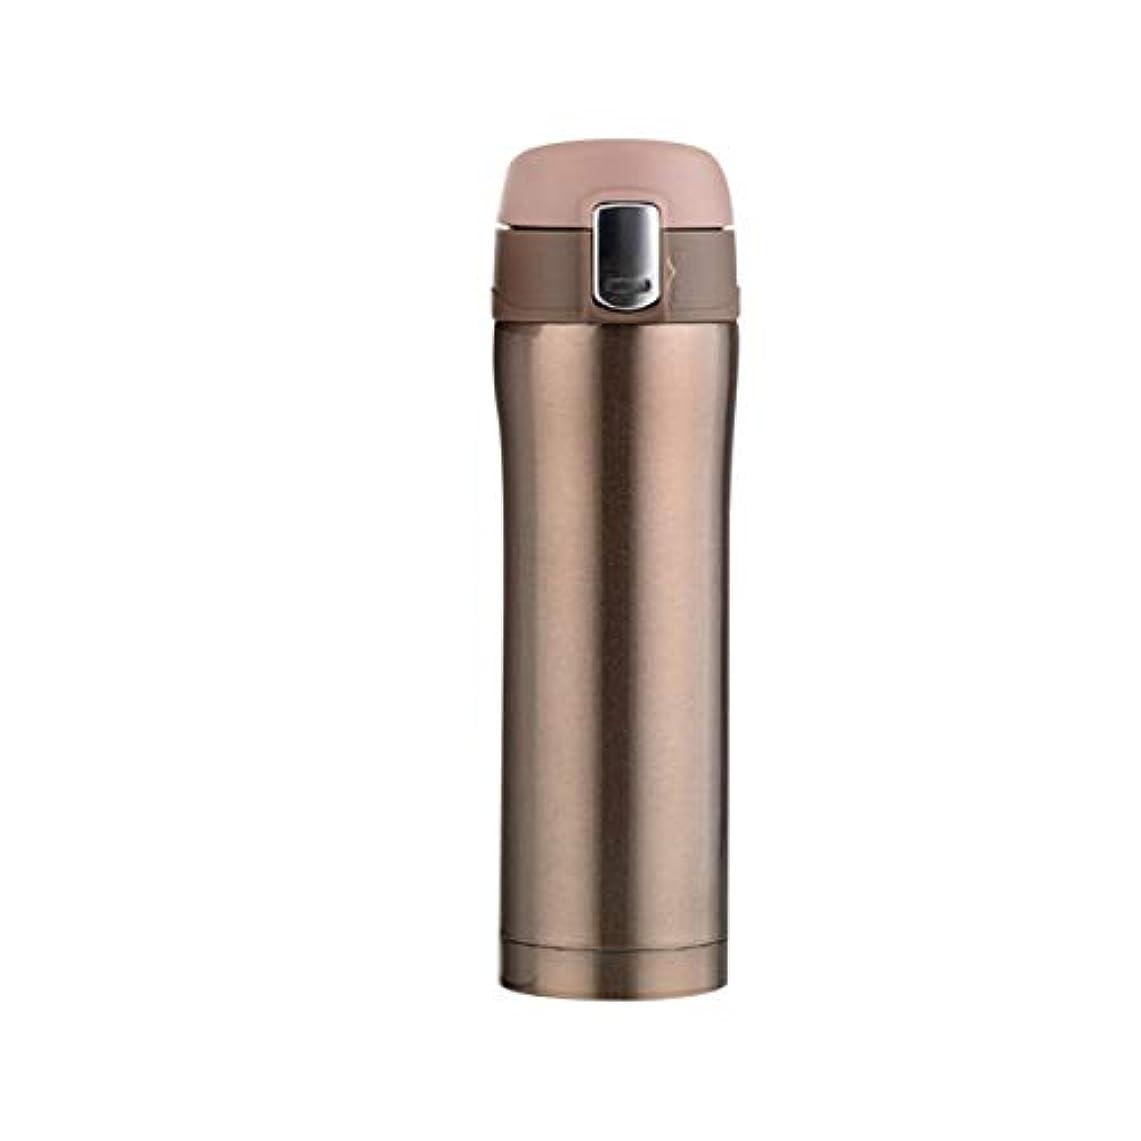 巡礼者ビヨン芽Saikogoods 500MLコンパクトサイズのステンレス鋼真空断熱ウォーターボトルメンズ?レディース?オフィス旅行カー水マグボトルドリンク ゴールド